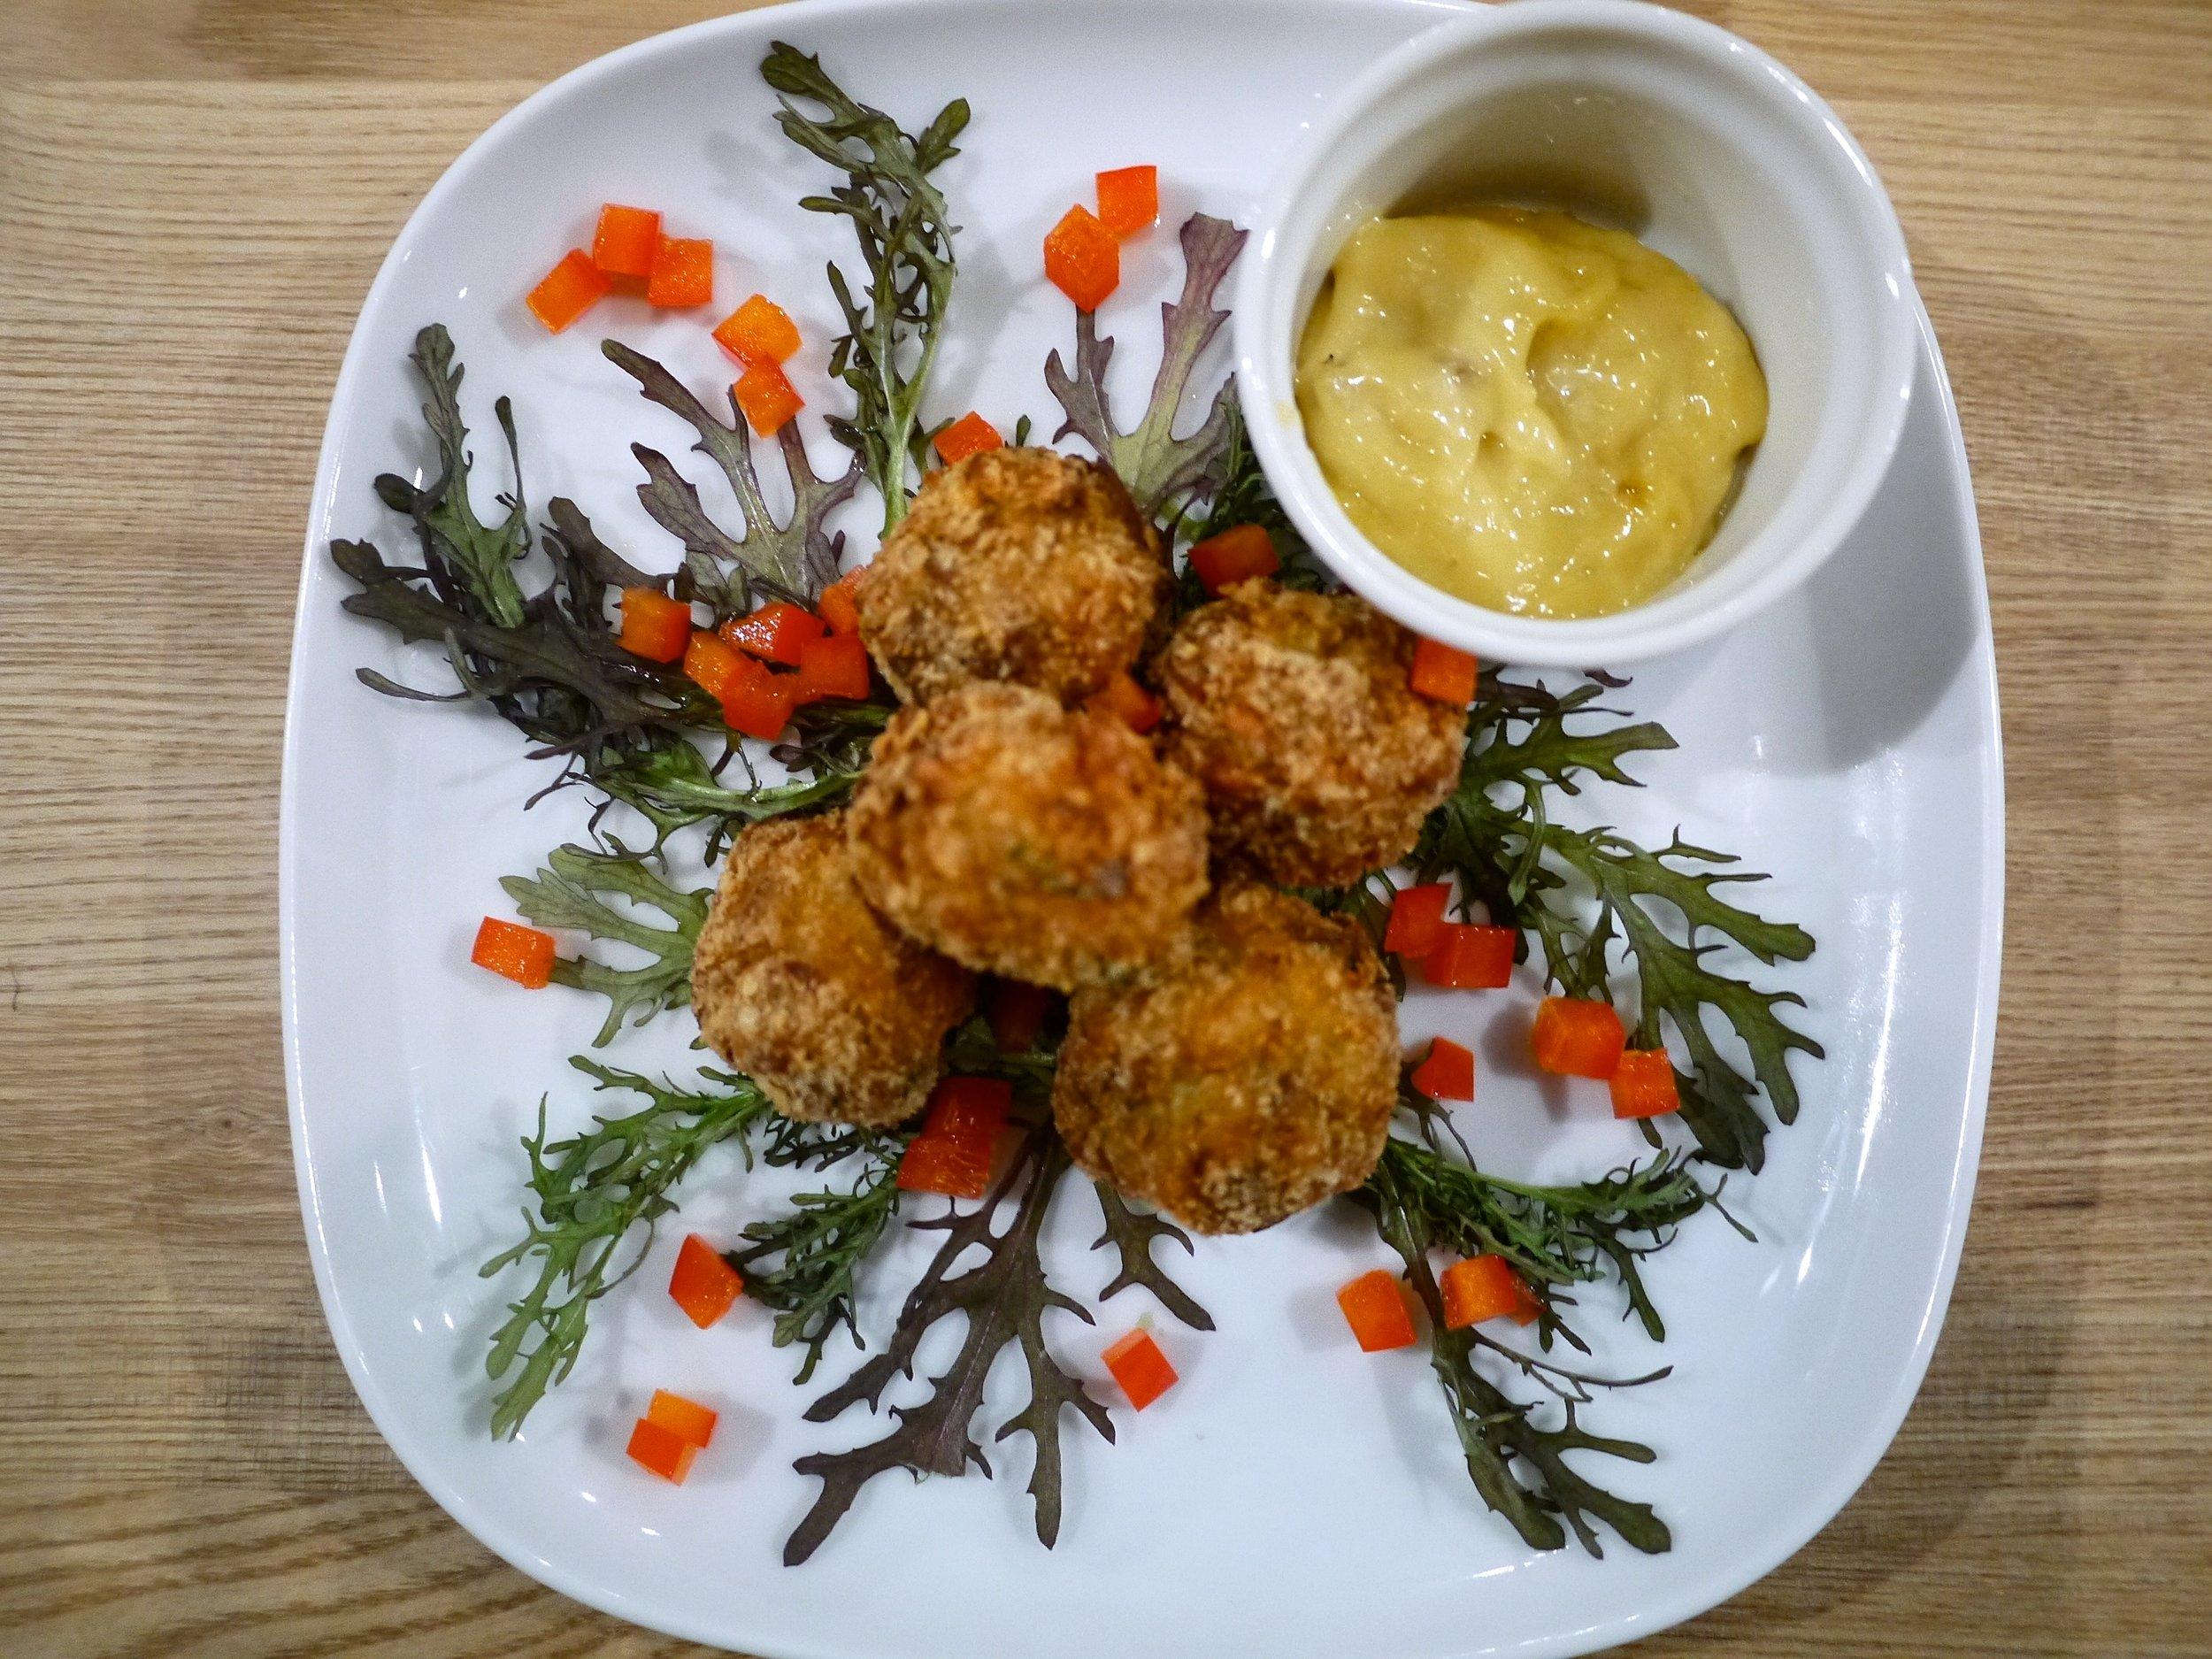 エビと舞茸のフリッター ワサビアイオリソース。Maitake Mushroom & Shrimp Fritter w/ Wasabi Aioli